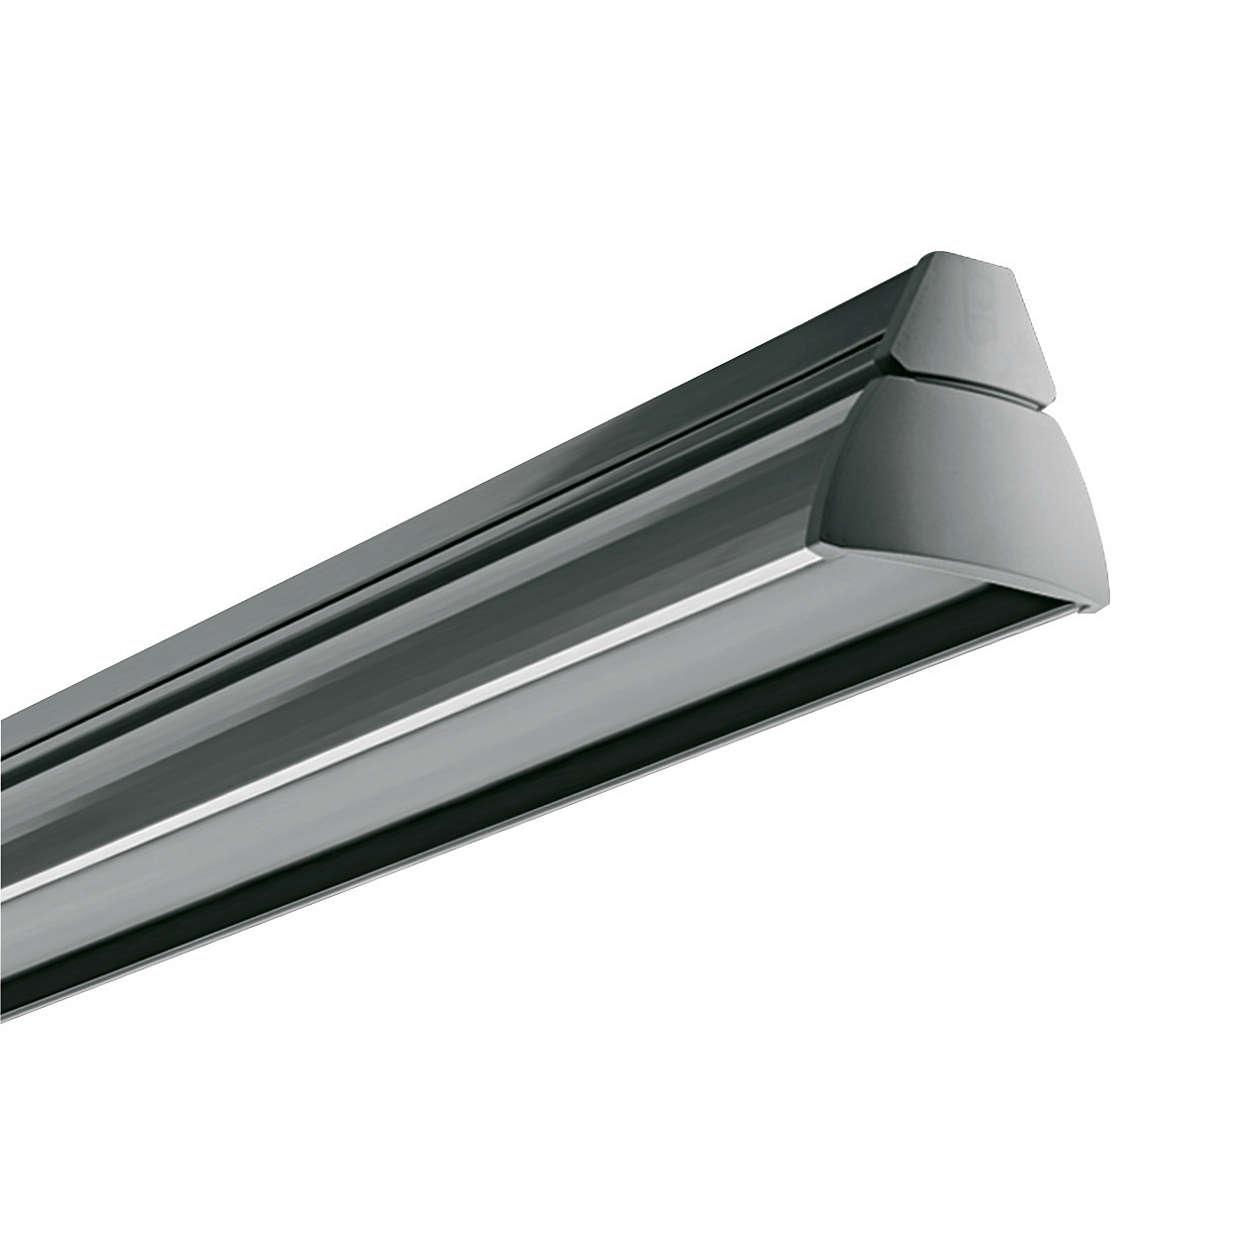 4MX092 – Reflectores faceteados TL-D 4MX093 – Ópticas TL-D